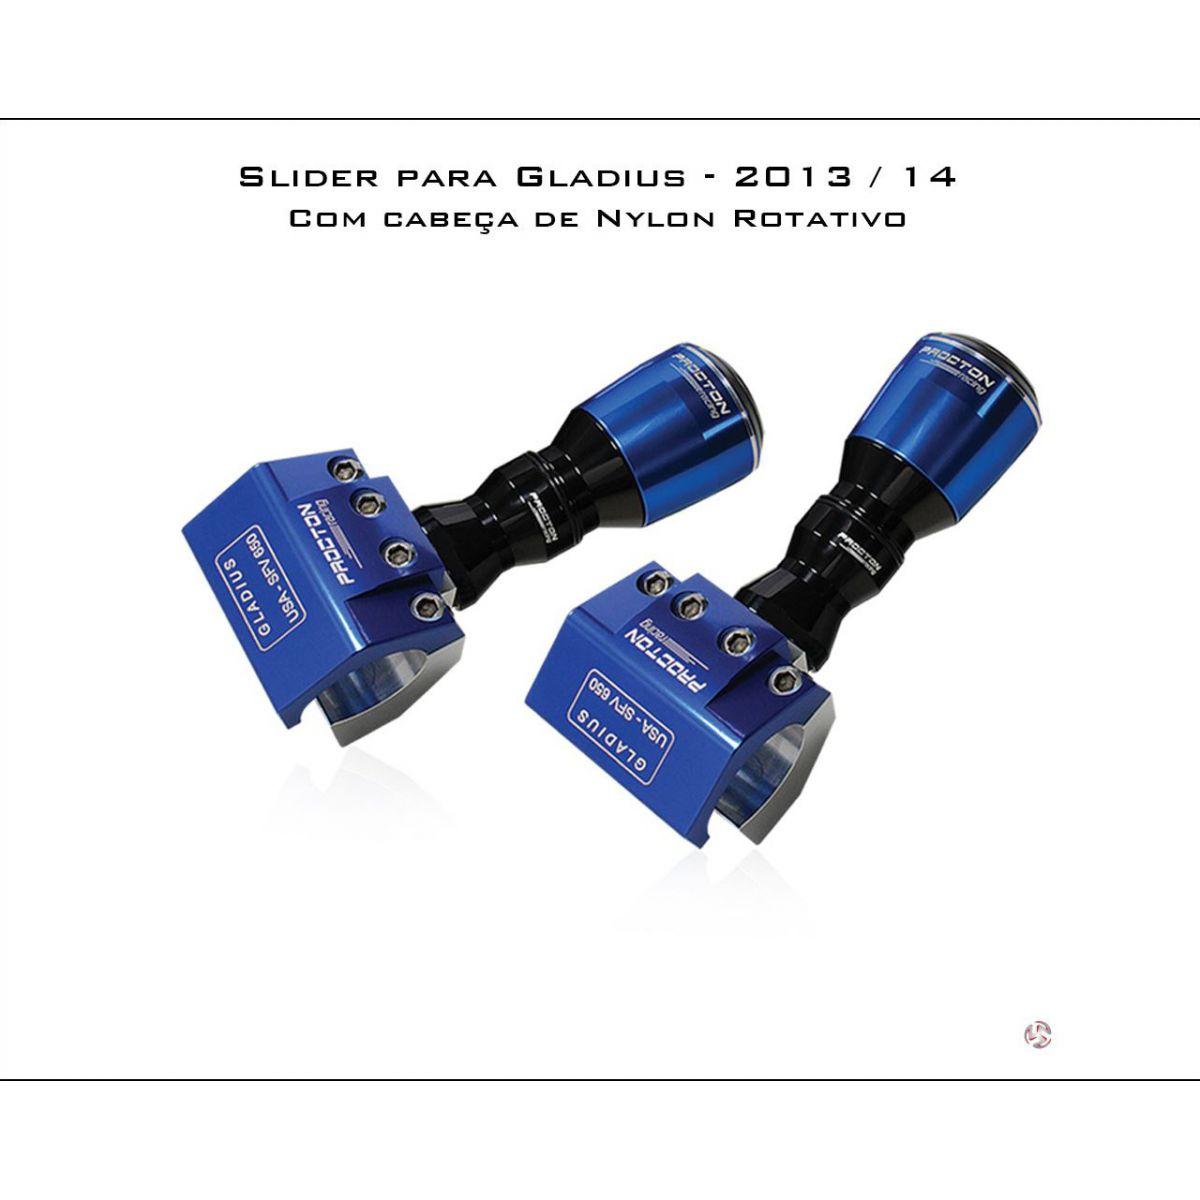 Slider Dianteiro Procton com Amortecimento Gladius 13/14 (NYLON ROTATIVO)  - Nova Suzuki Motos e Acessórios